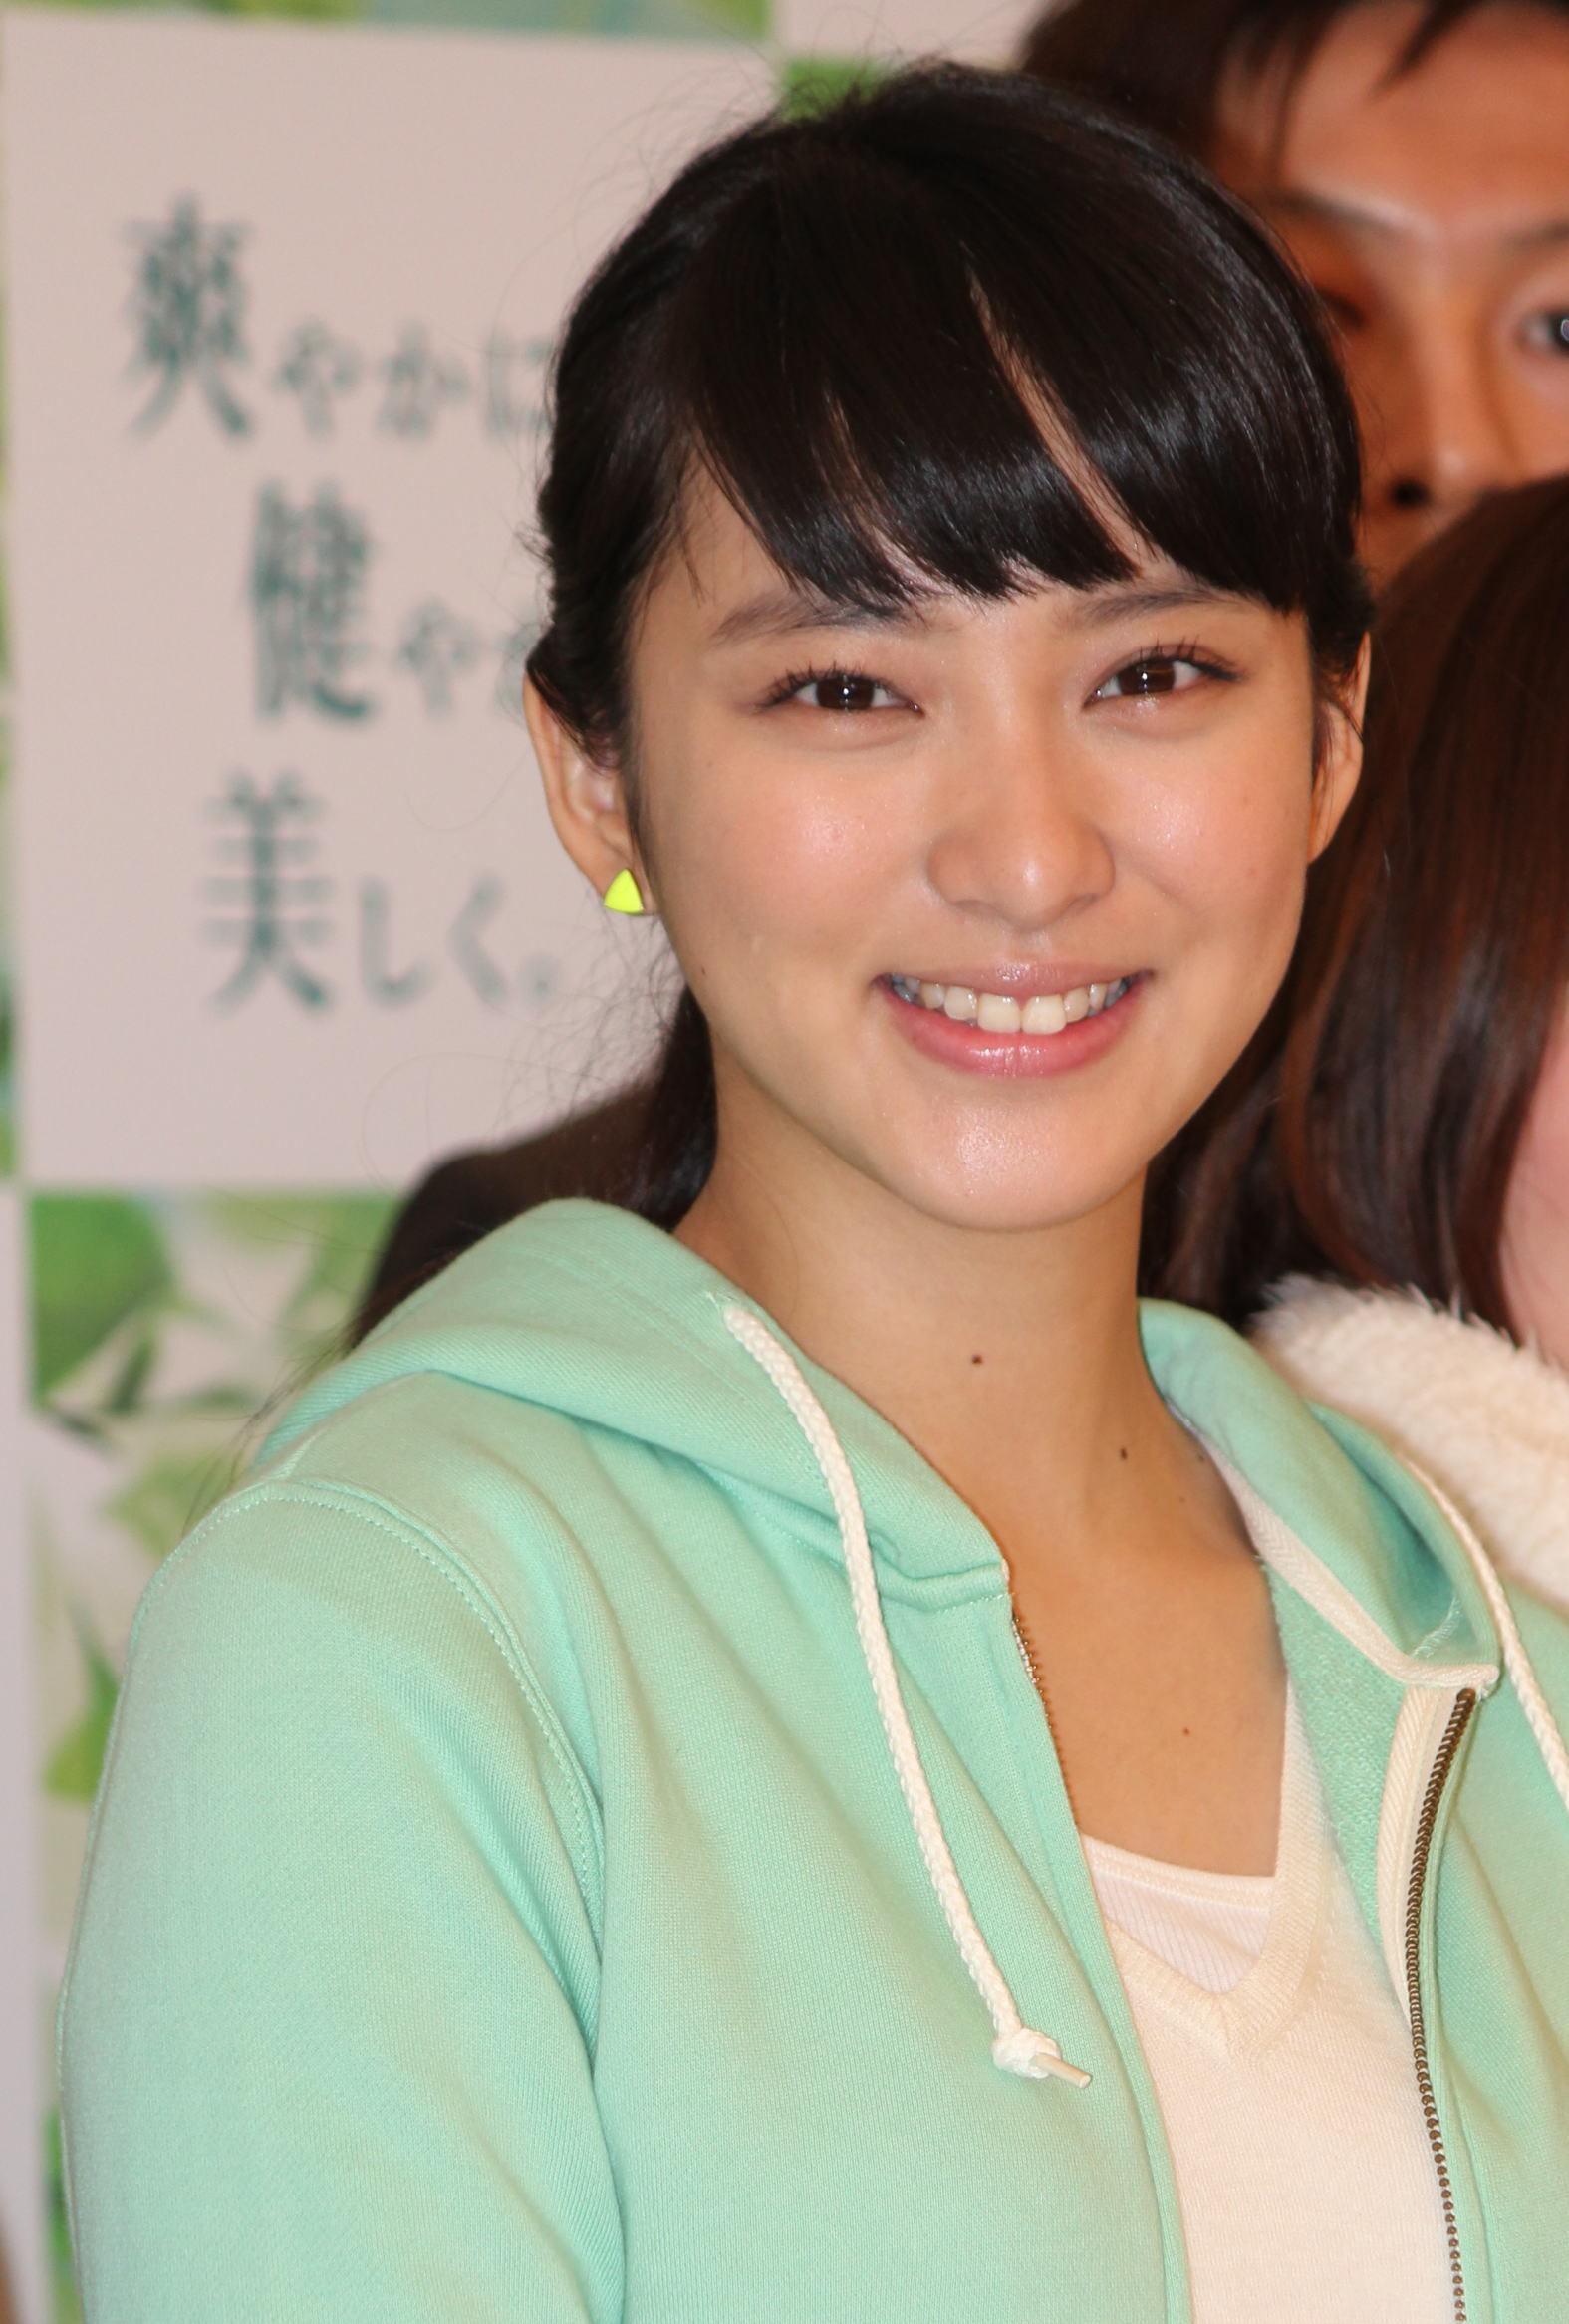 武井咲が19歳の誓い「経験積んでいい女優さんに」 : 映画ニュース ...